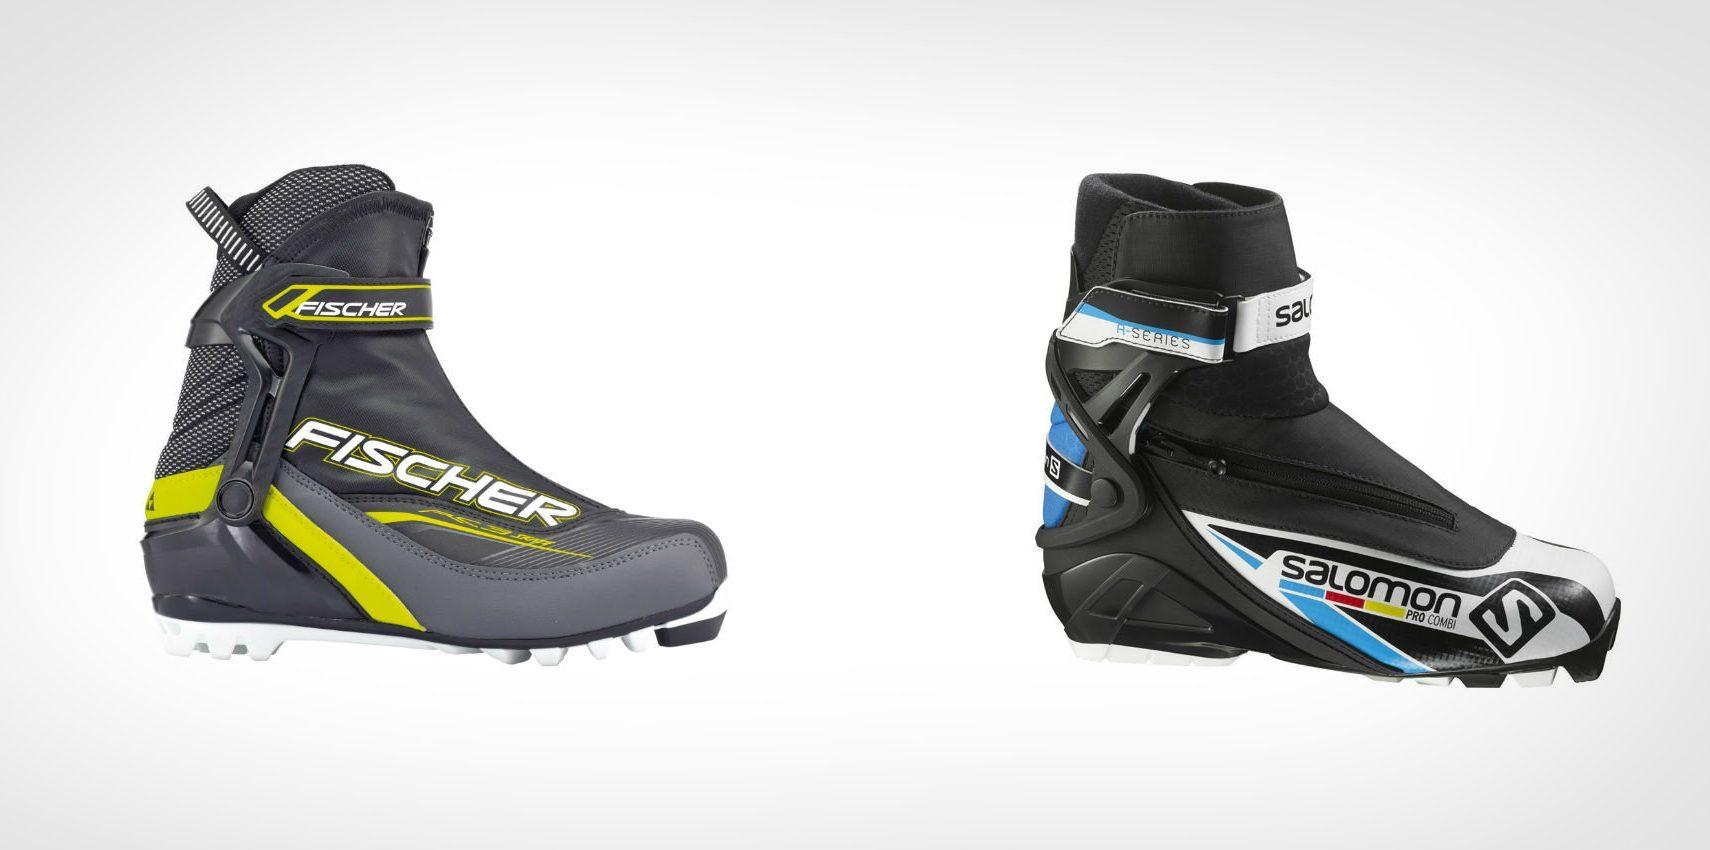 9624218fadf2 Как выбрать беговые лыжи, ботинки и палки - Лайфхакер